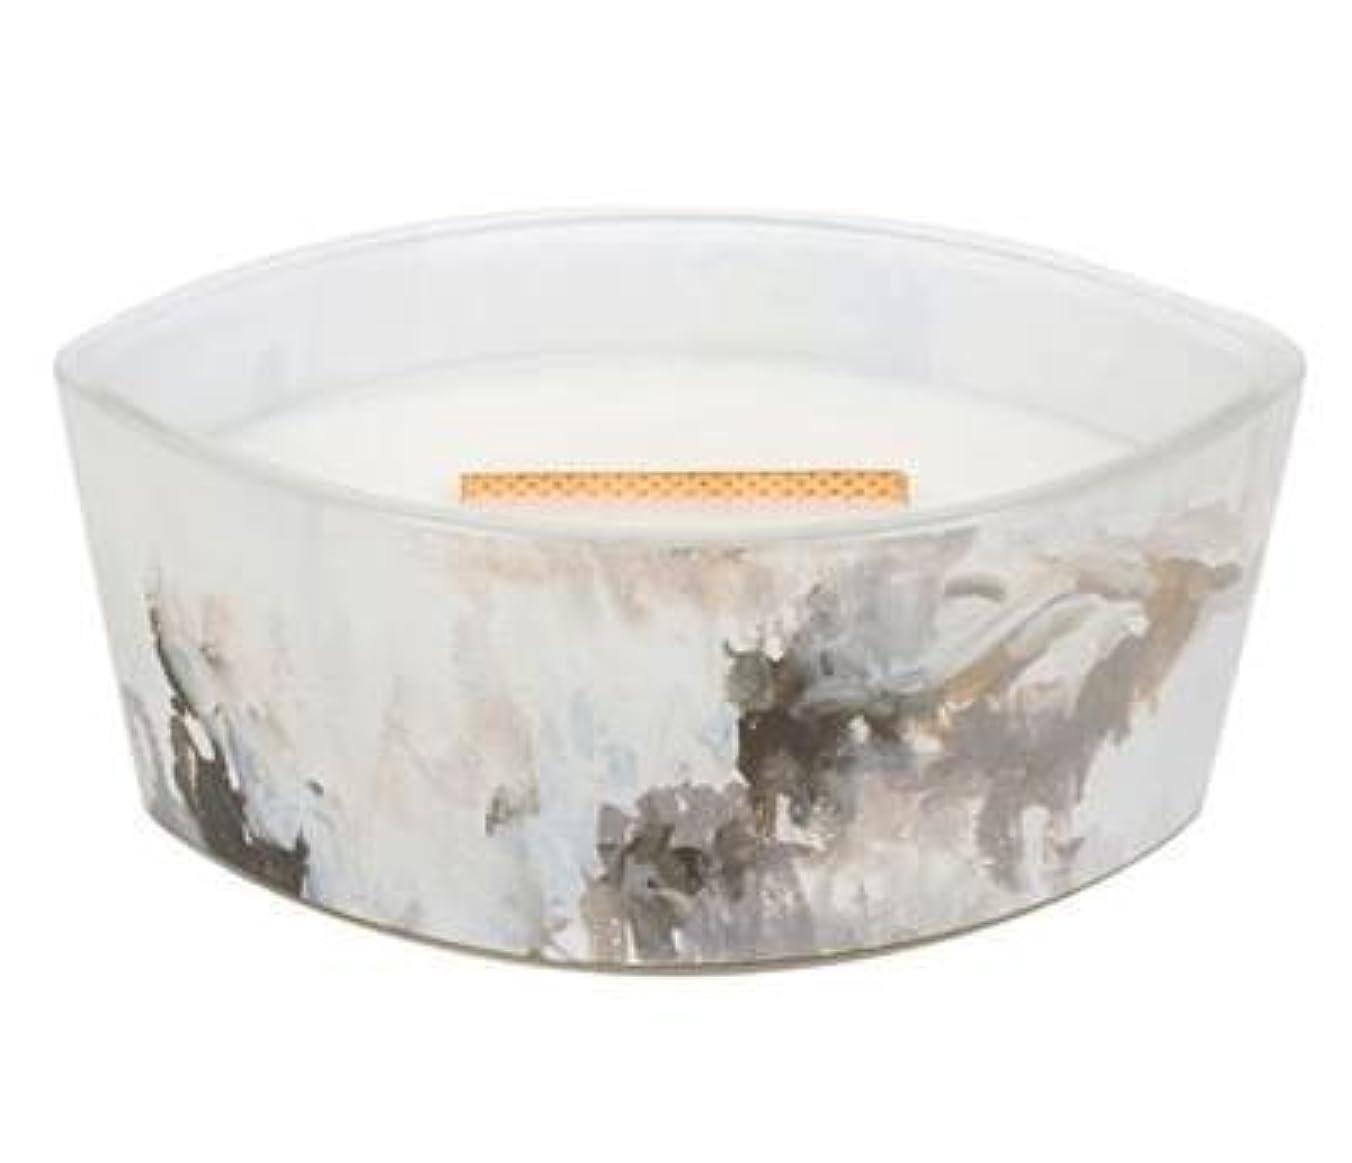 プラットフォームピクニックお茶Honey Tabac – アーティザンコレクション楕円WoodWick香りつきJar Candle